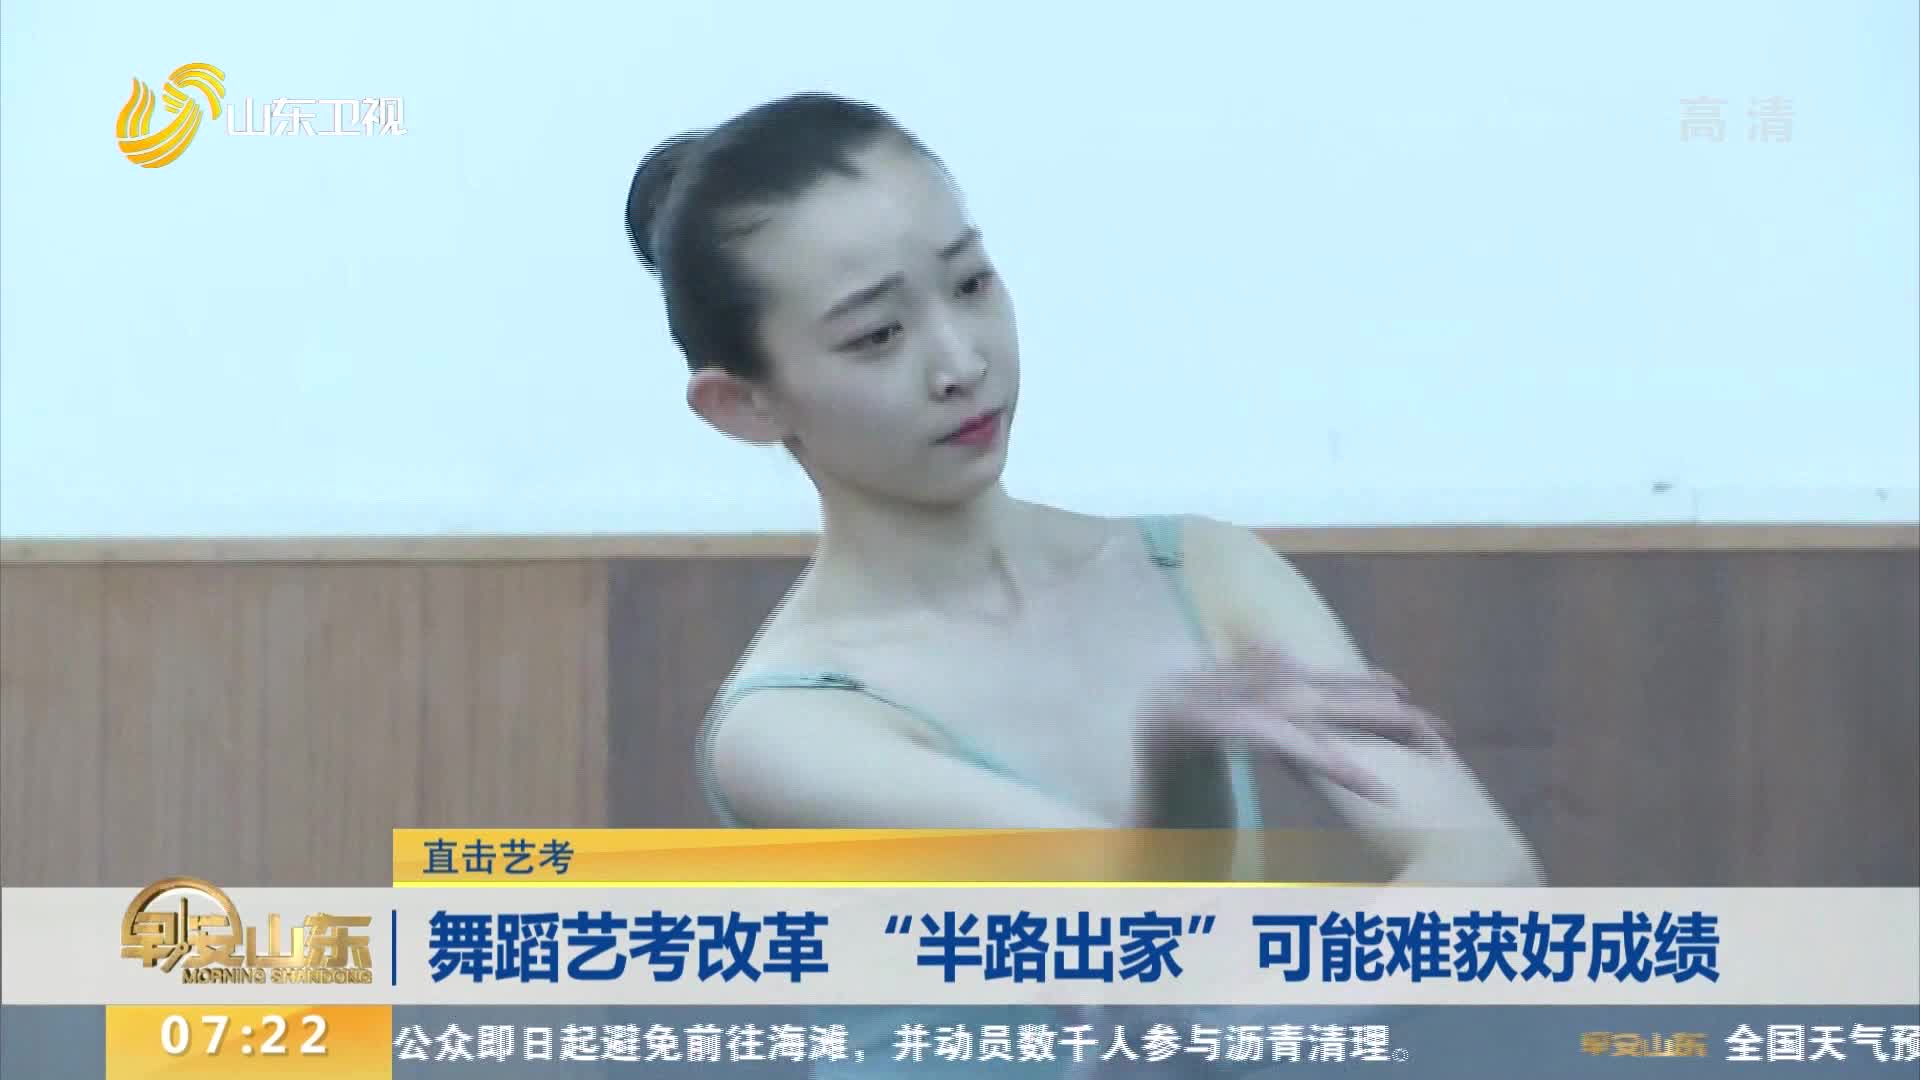 """【直击艺考】舞蹈艺考改革 """"半路出家""""可能难获好成绩"""